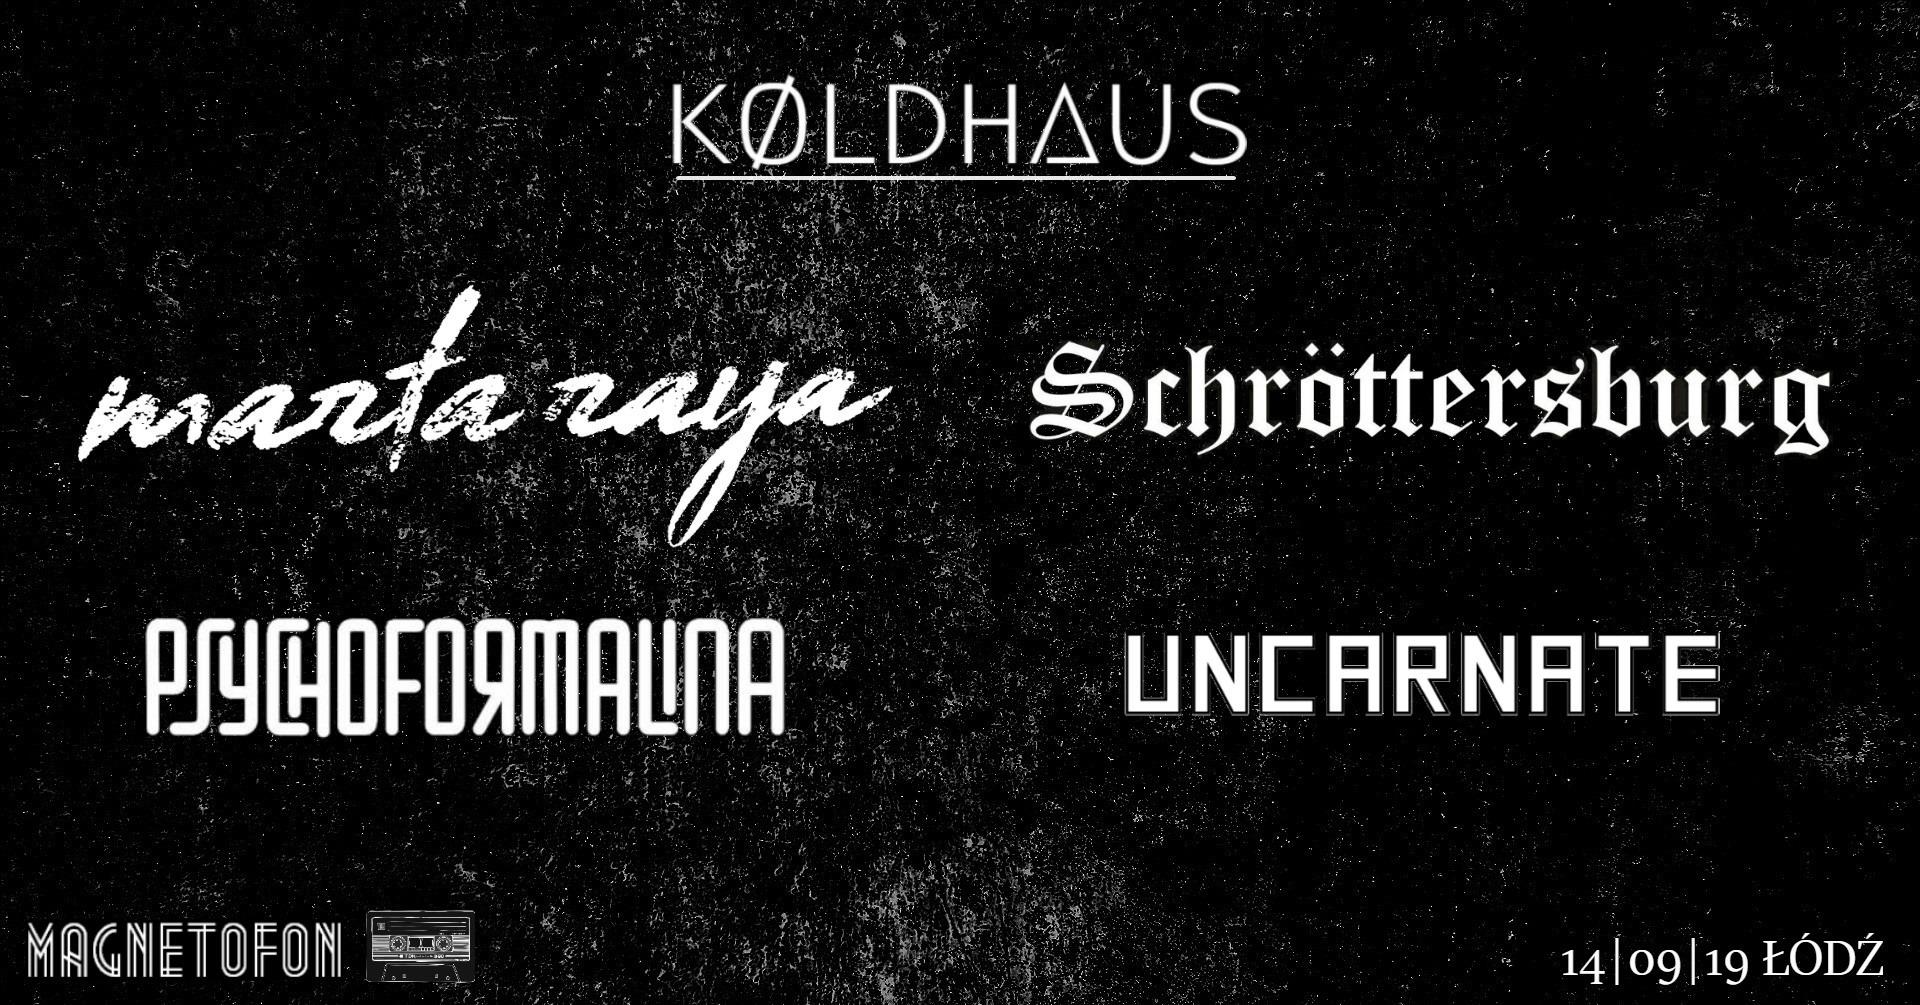 Marta Raya - Psychoformalina - Schrottersburg - Uncarnate (Magnetofon - Łodź - 14.09.2019)